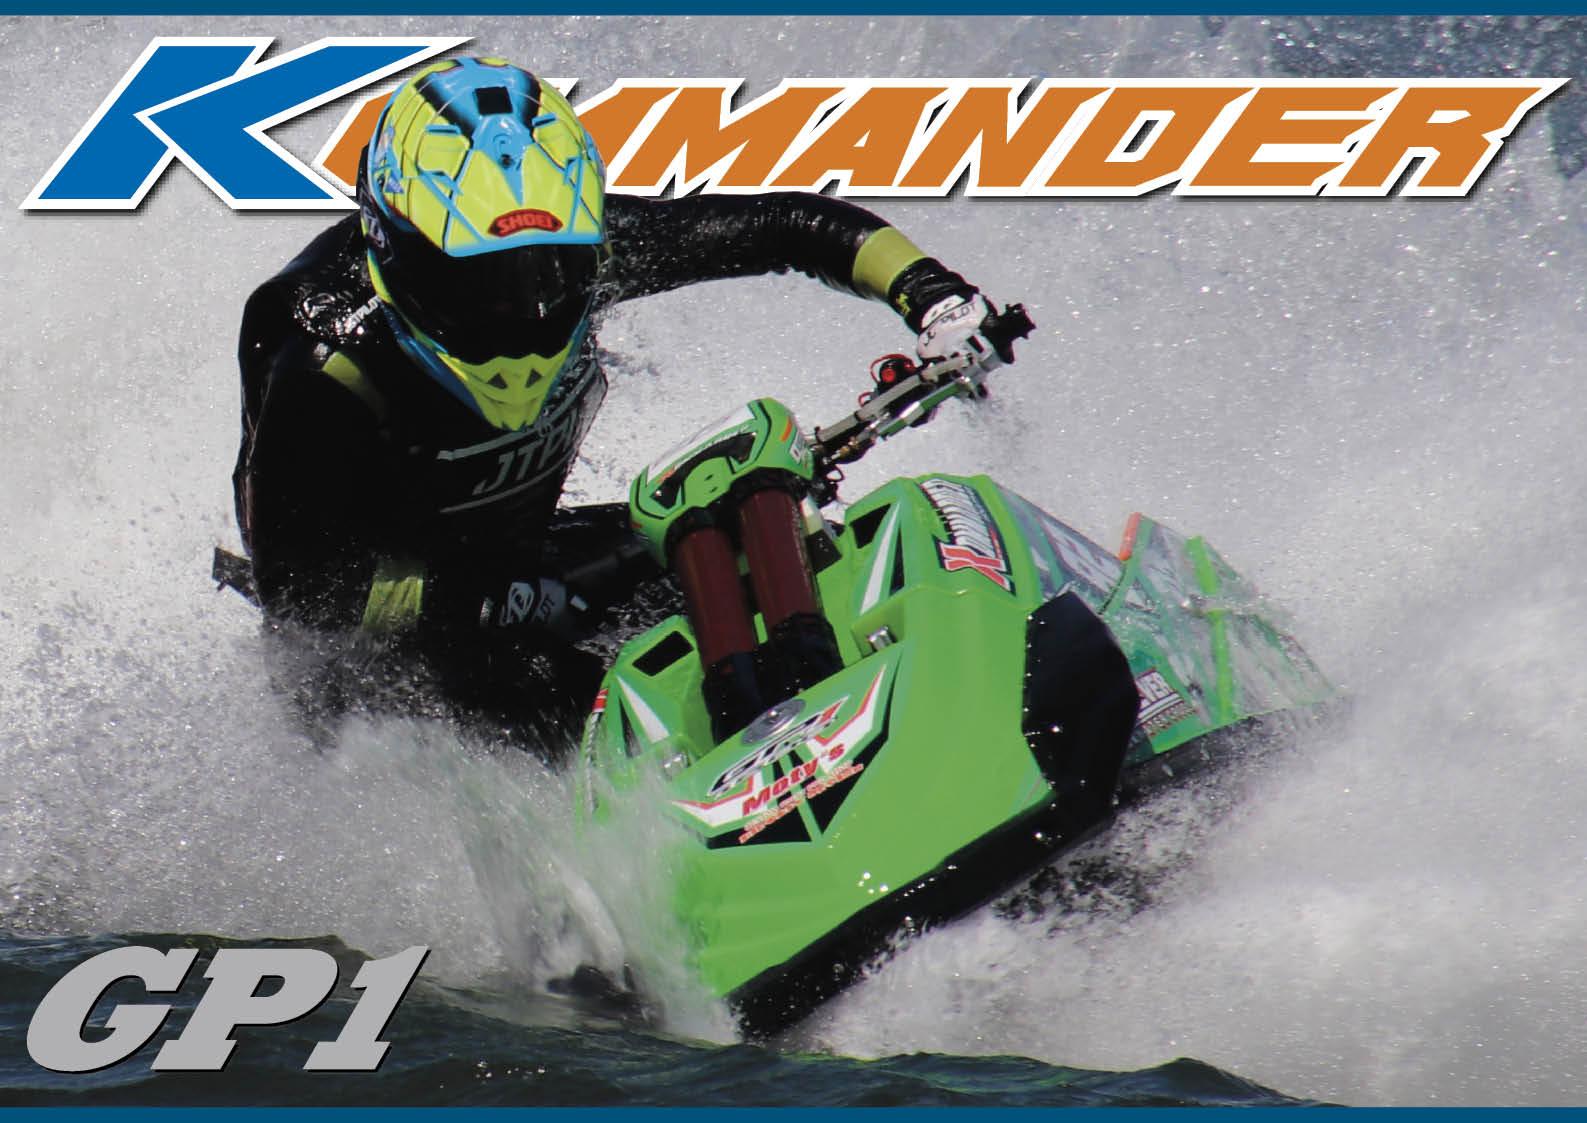 今、超話題の「KOMMANDER(コマンダー)GP1」試乗しました ジェットスキー(水上バイク)